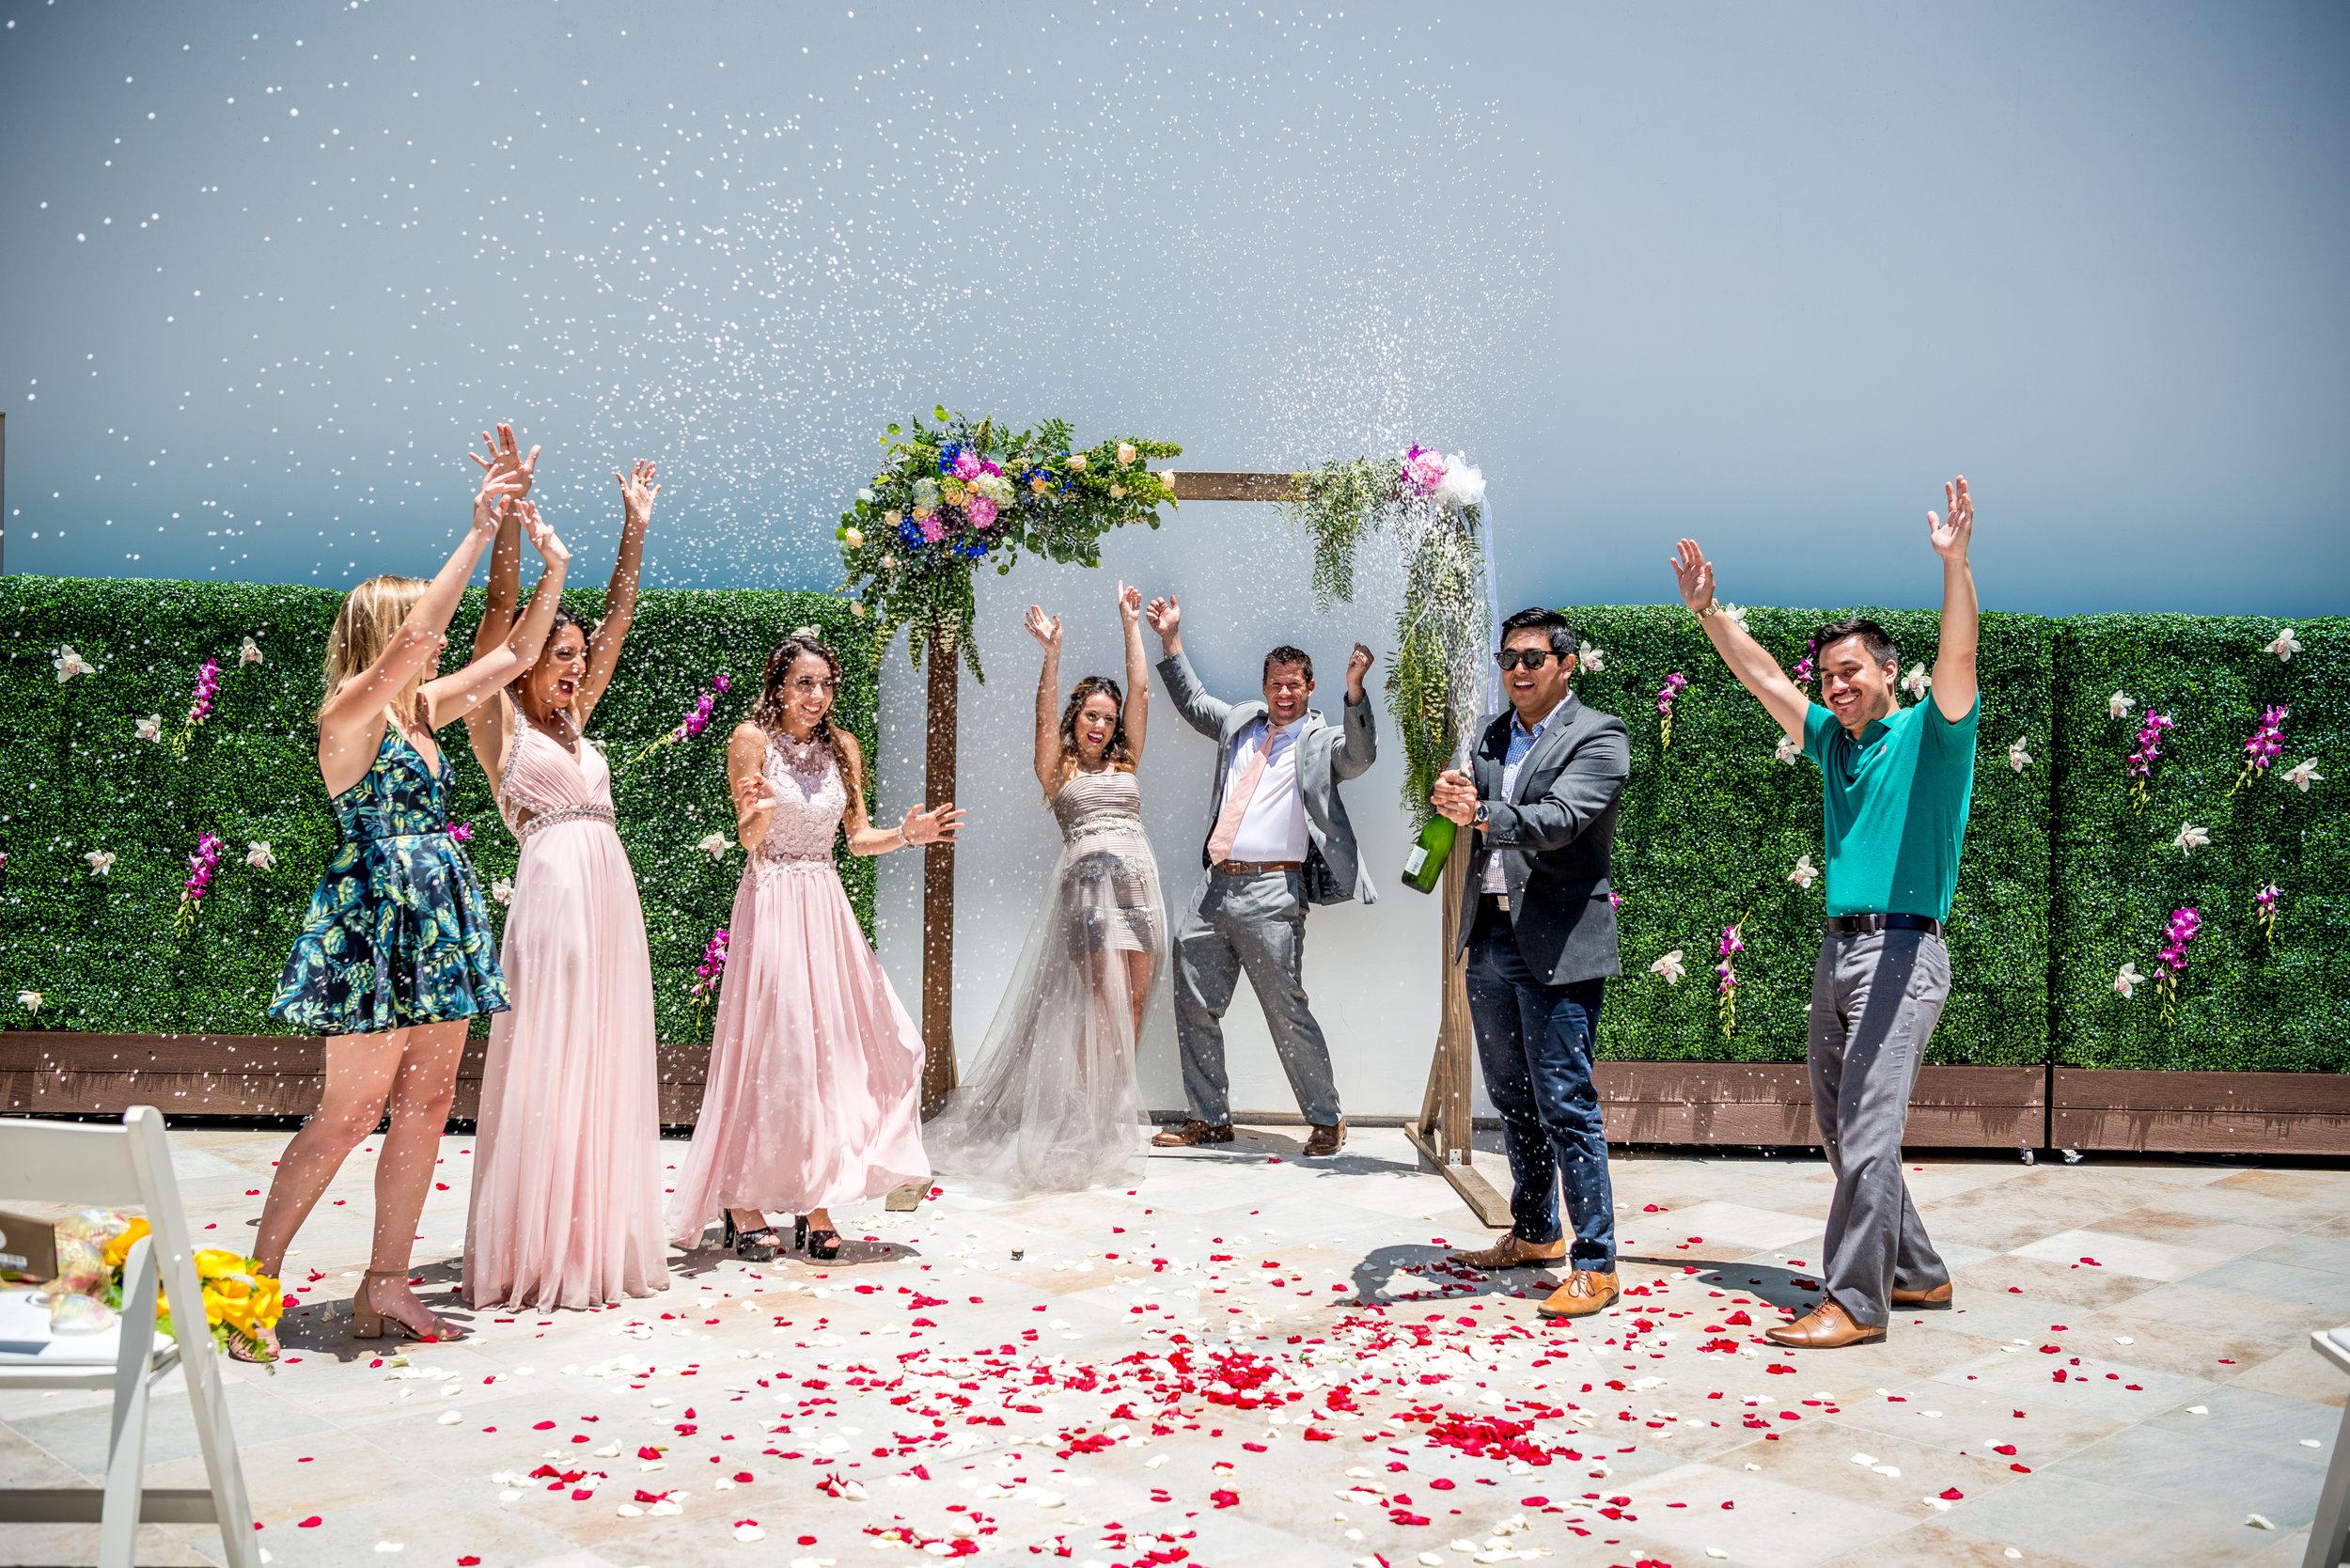 The_Centre_Escondido_Weddings_Emry_Photography_0305.jpg